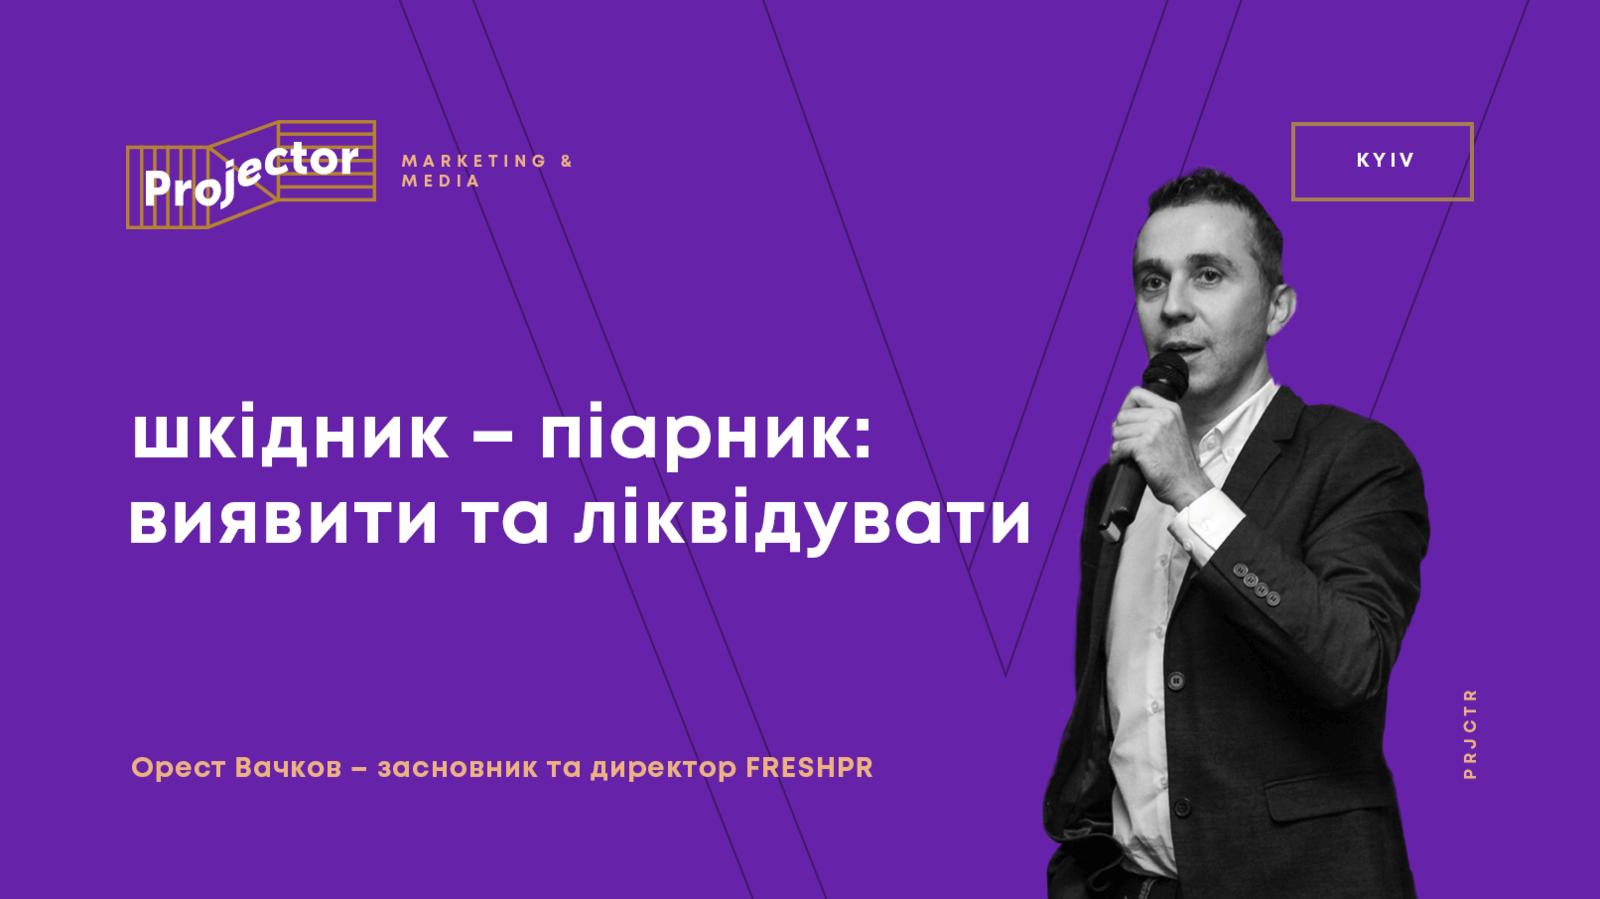 Орест Вачков расскажет о всех тонкостях в работе пиарщика